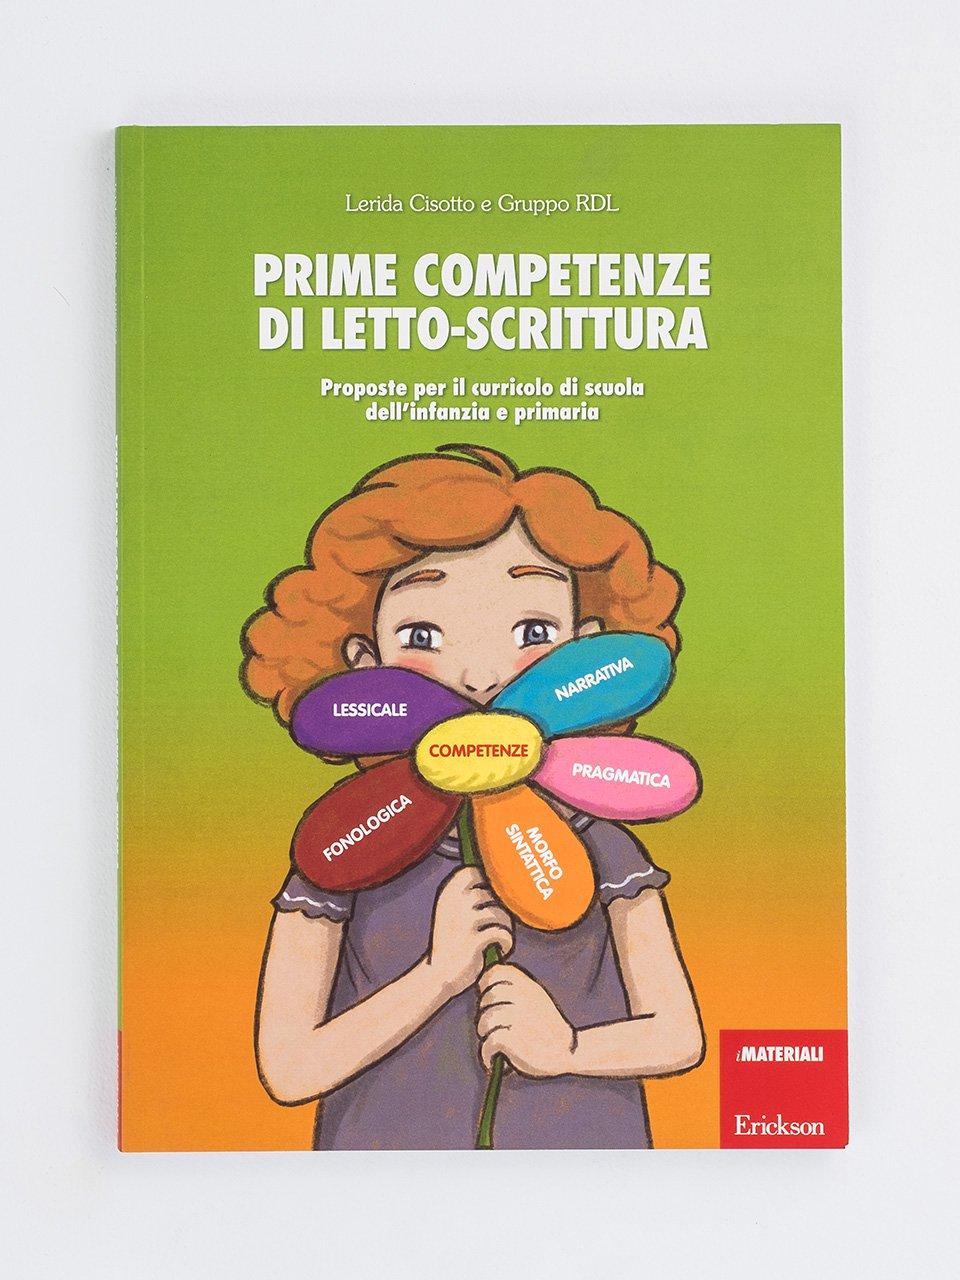 Prime competenze di letto-scrittura - Un gioco di P.A.R.O.L.E. - Strumenti - Erickson 2